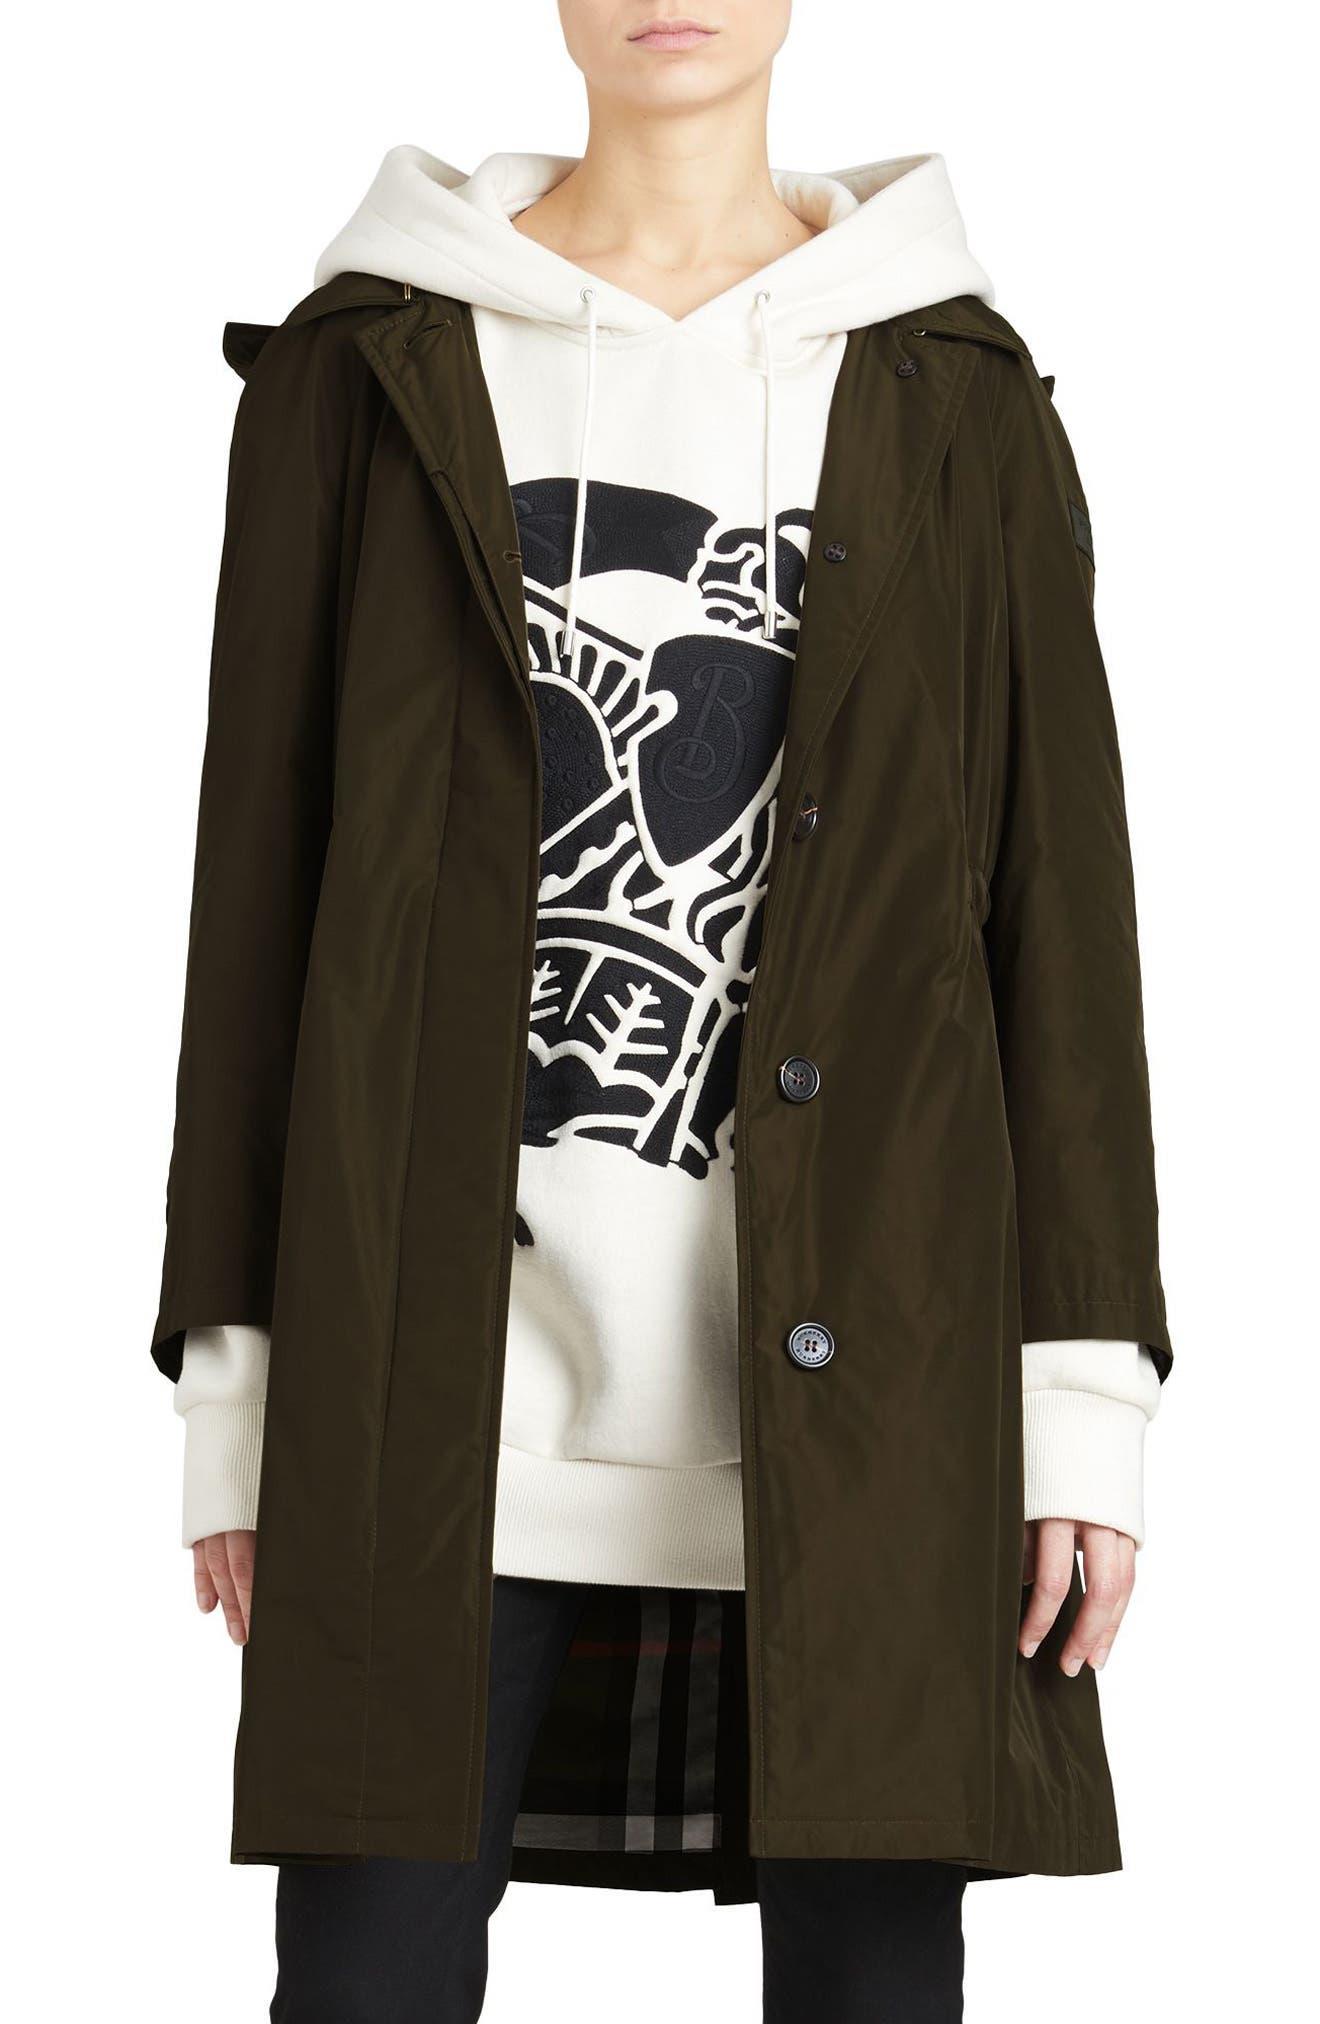 Tringford Waterproof Hooded Coat,                         Main,                         color, Dark Olive